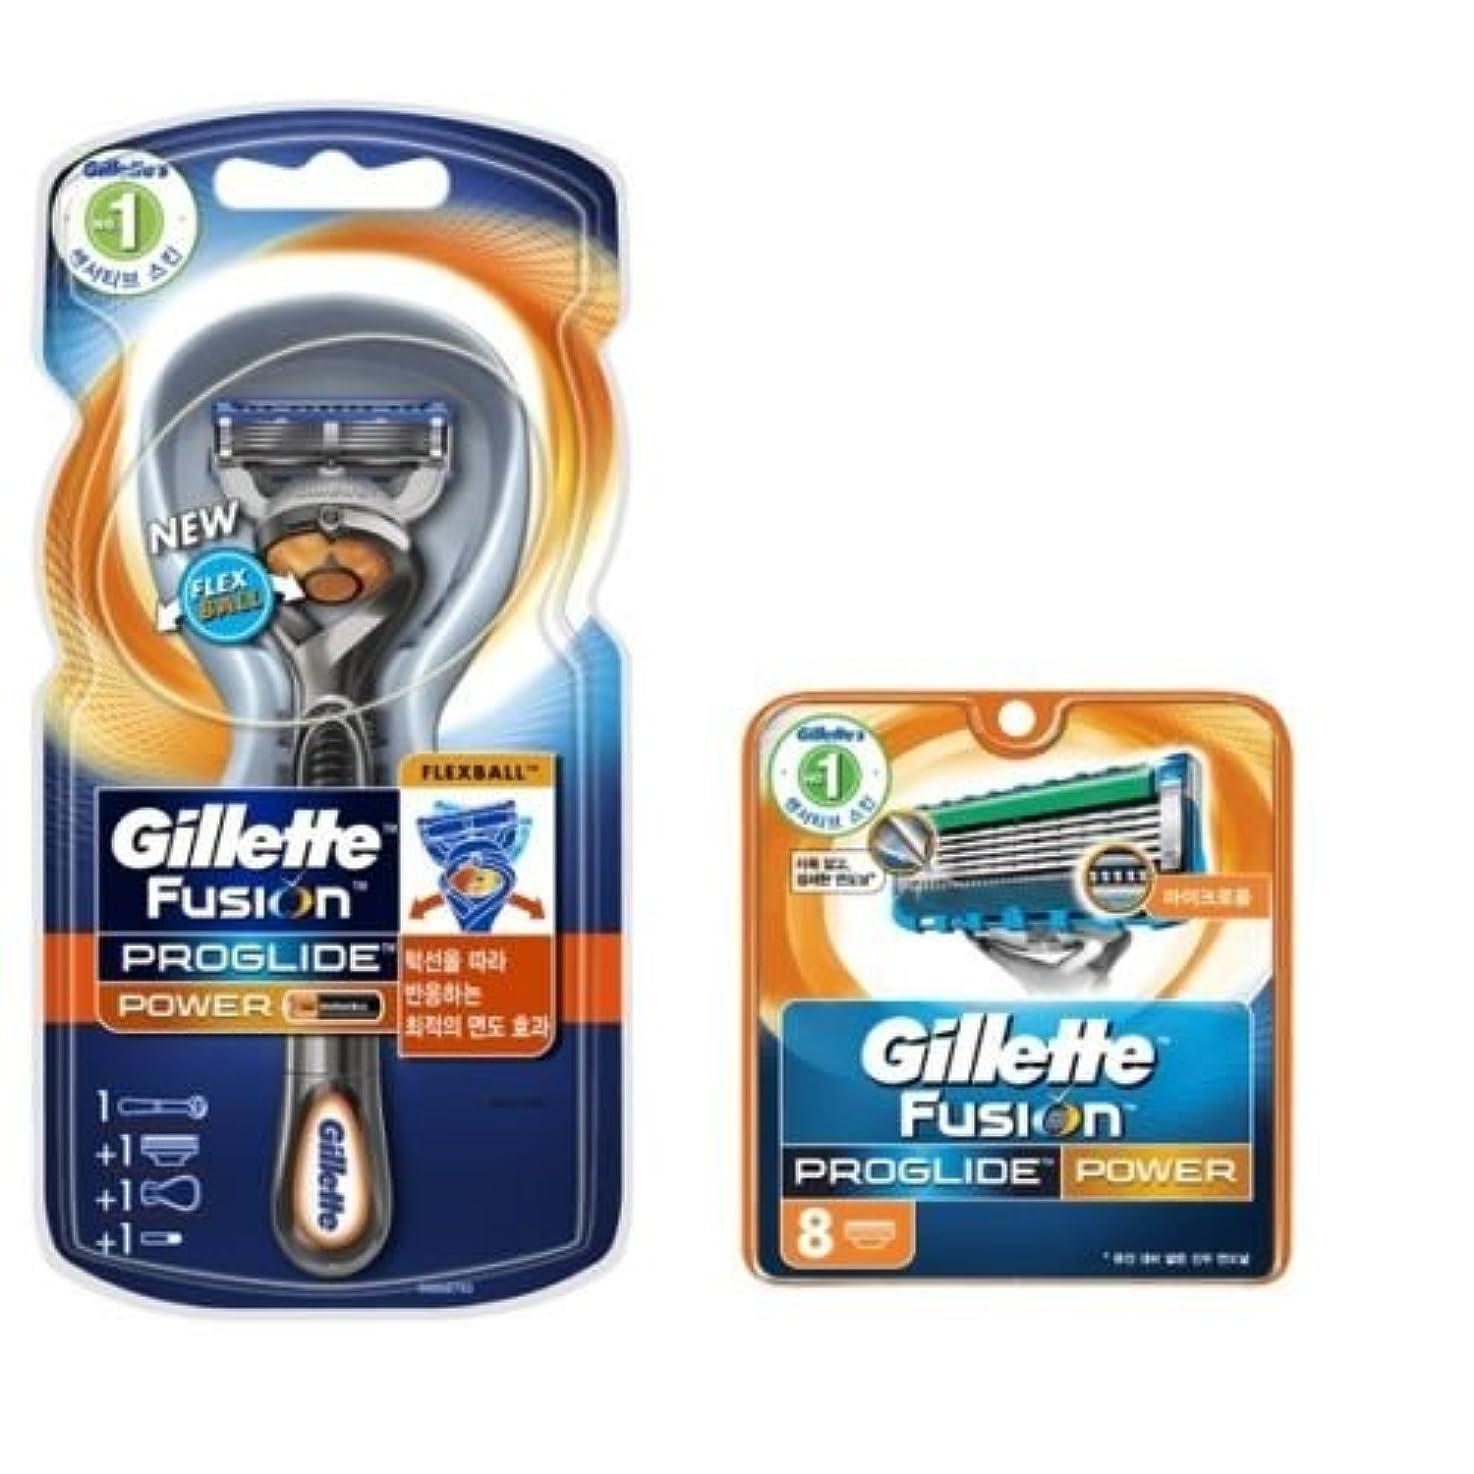 反抗奨励船乗りGillette Fusion Proglide Flexball Power Men's 1 剃刀 9 かみそりの刃 [並行輸入品]